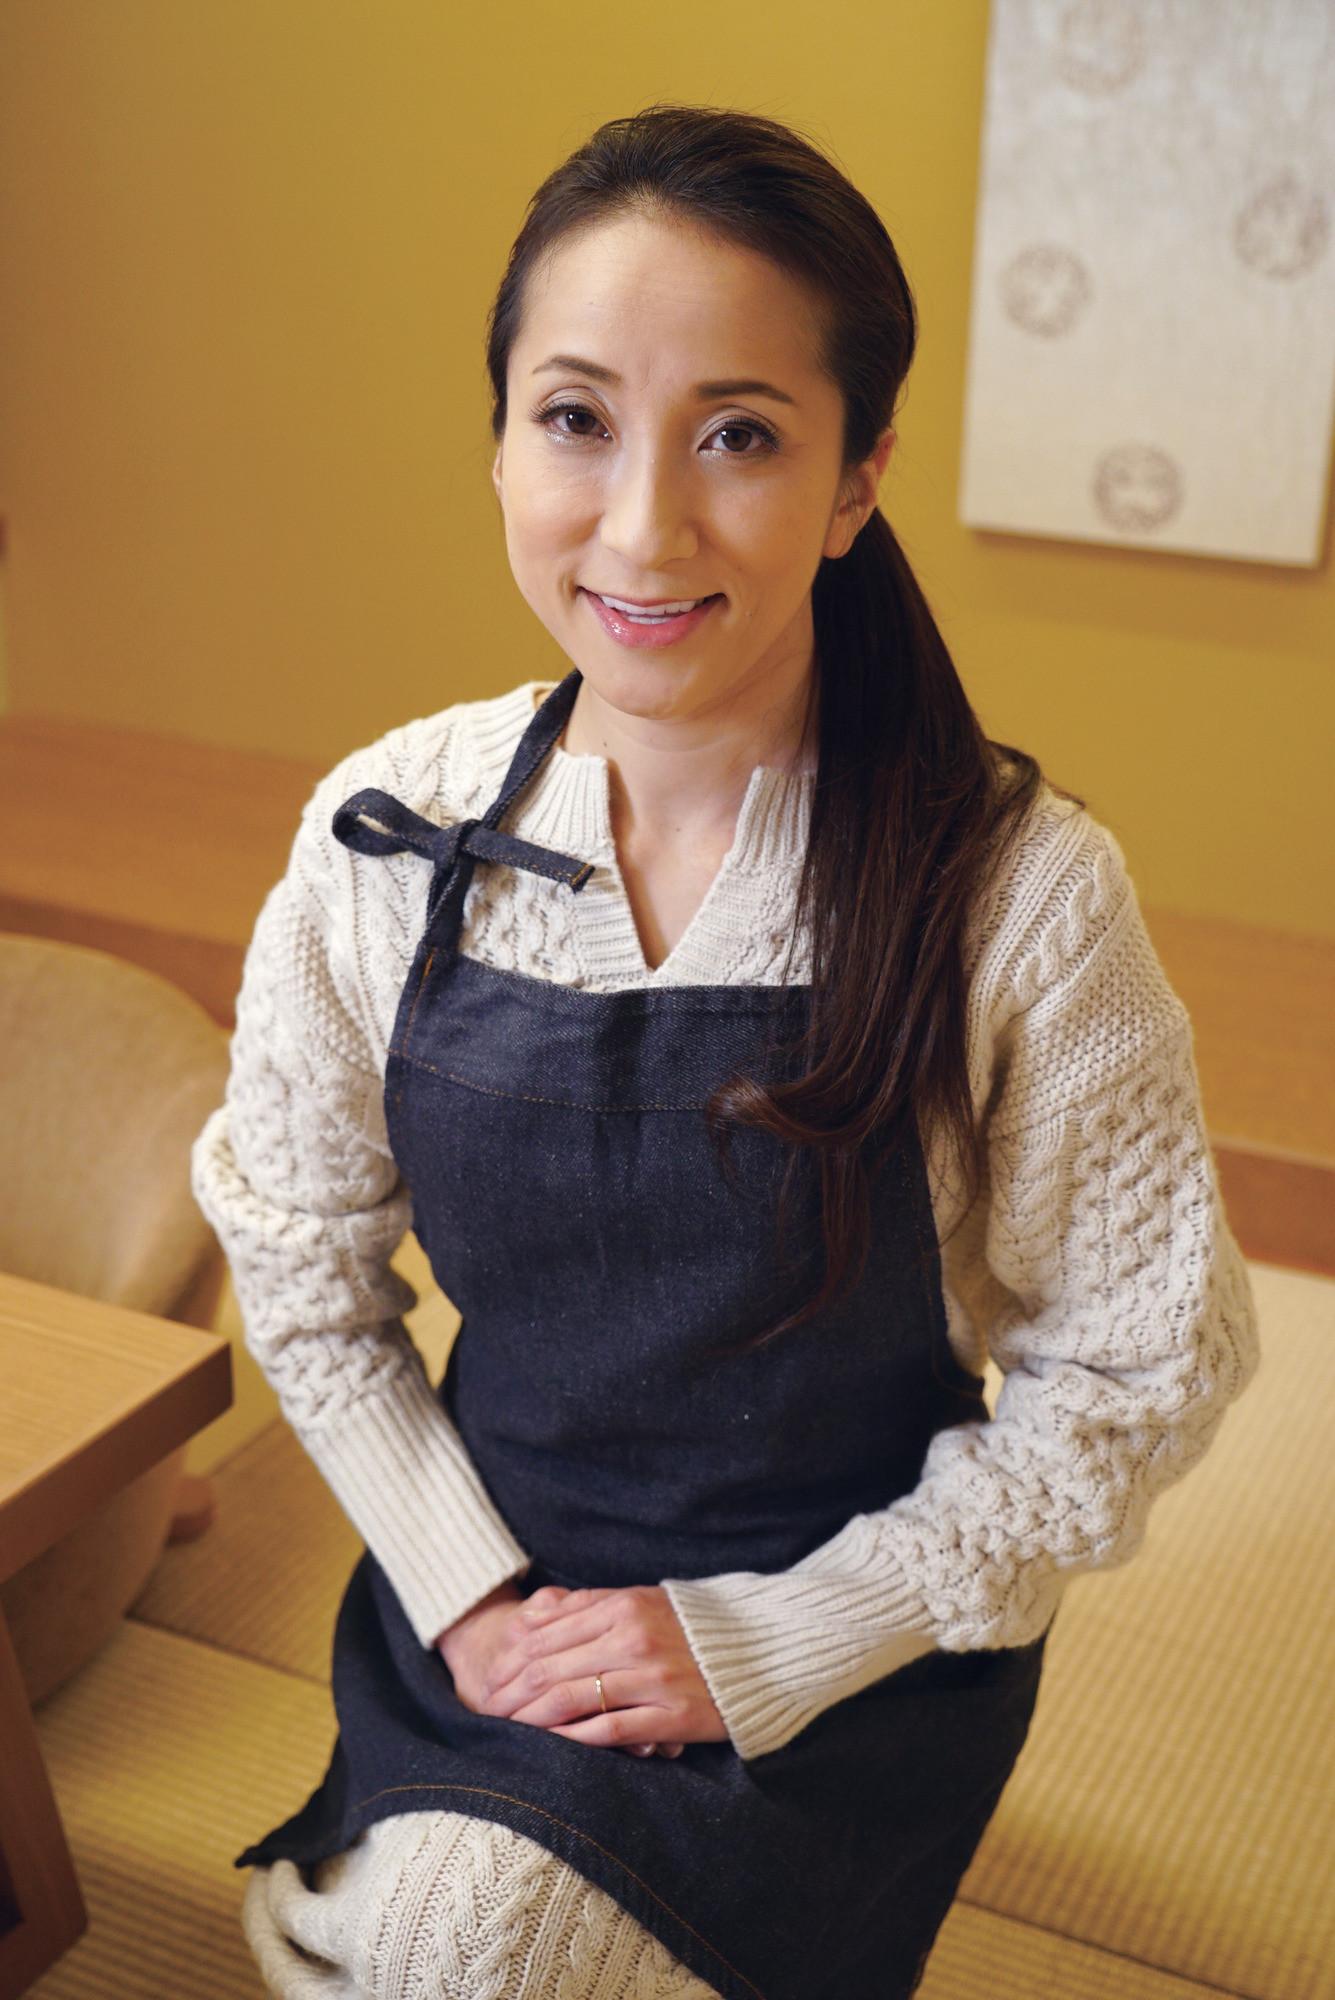 温泉宿のお女将さんに夜這い即ハメ みさとさん 48歳